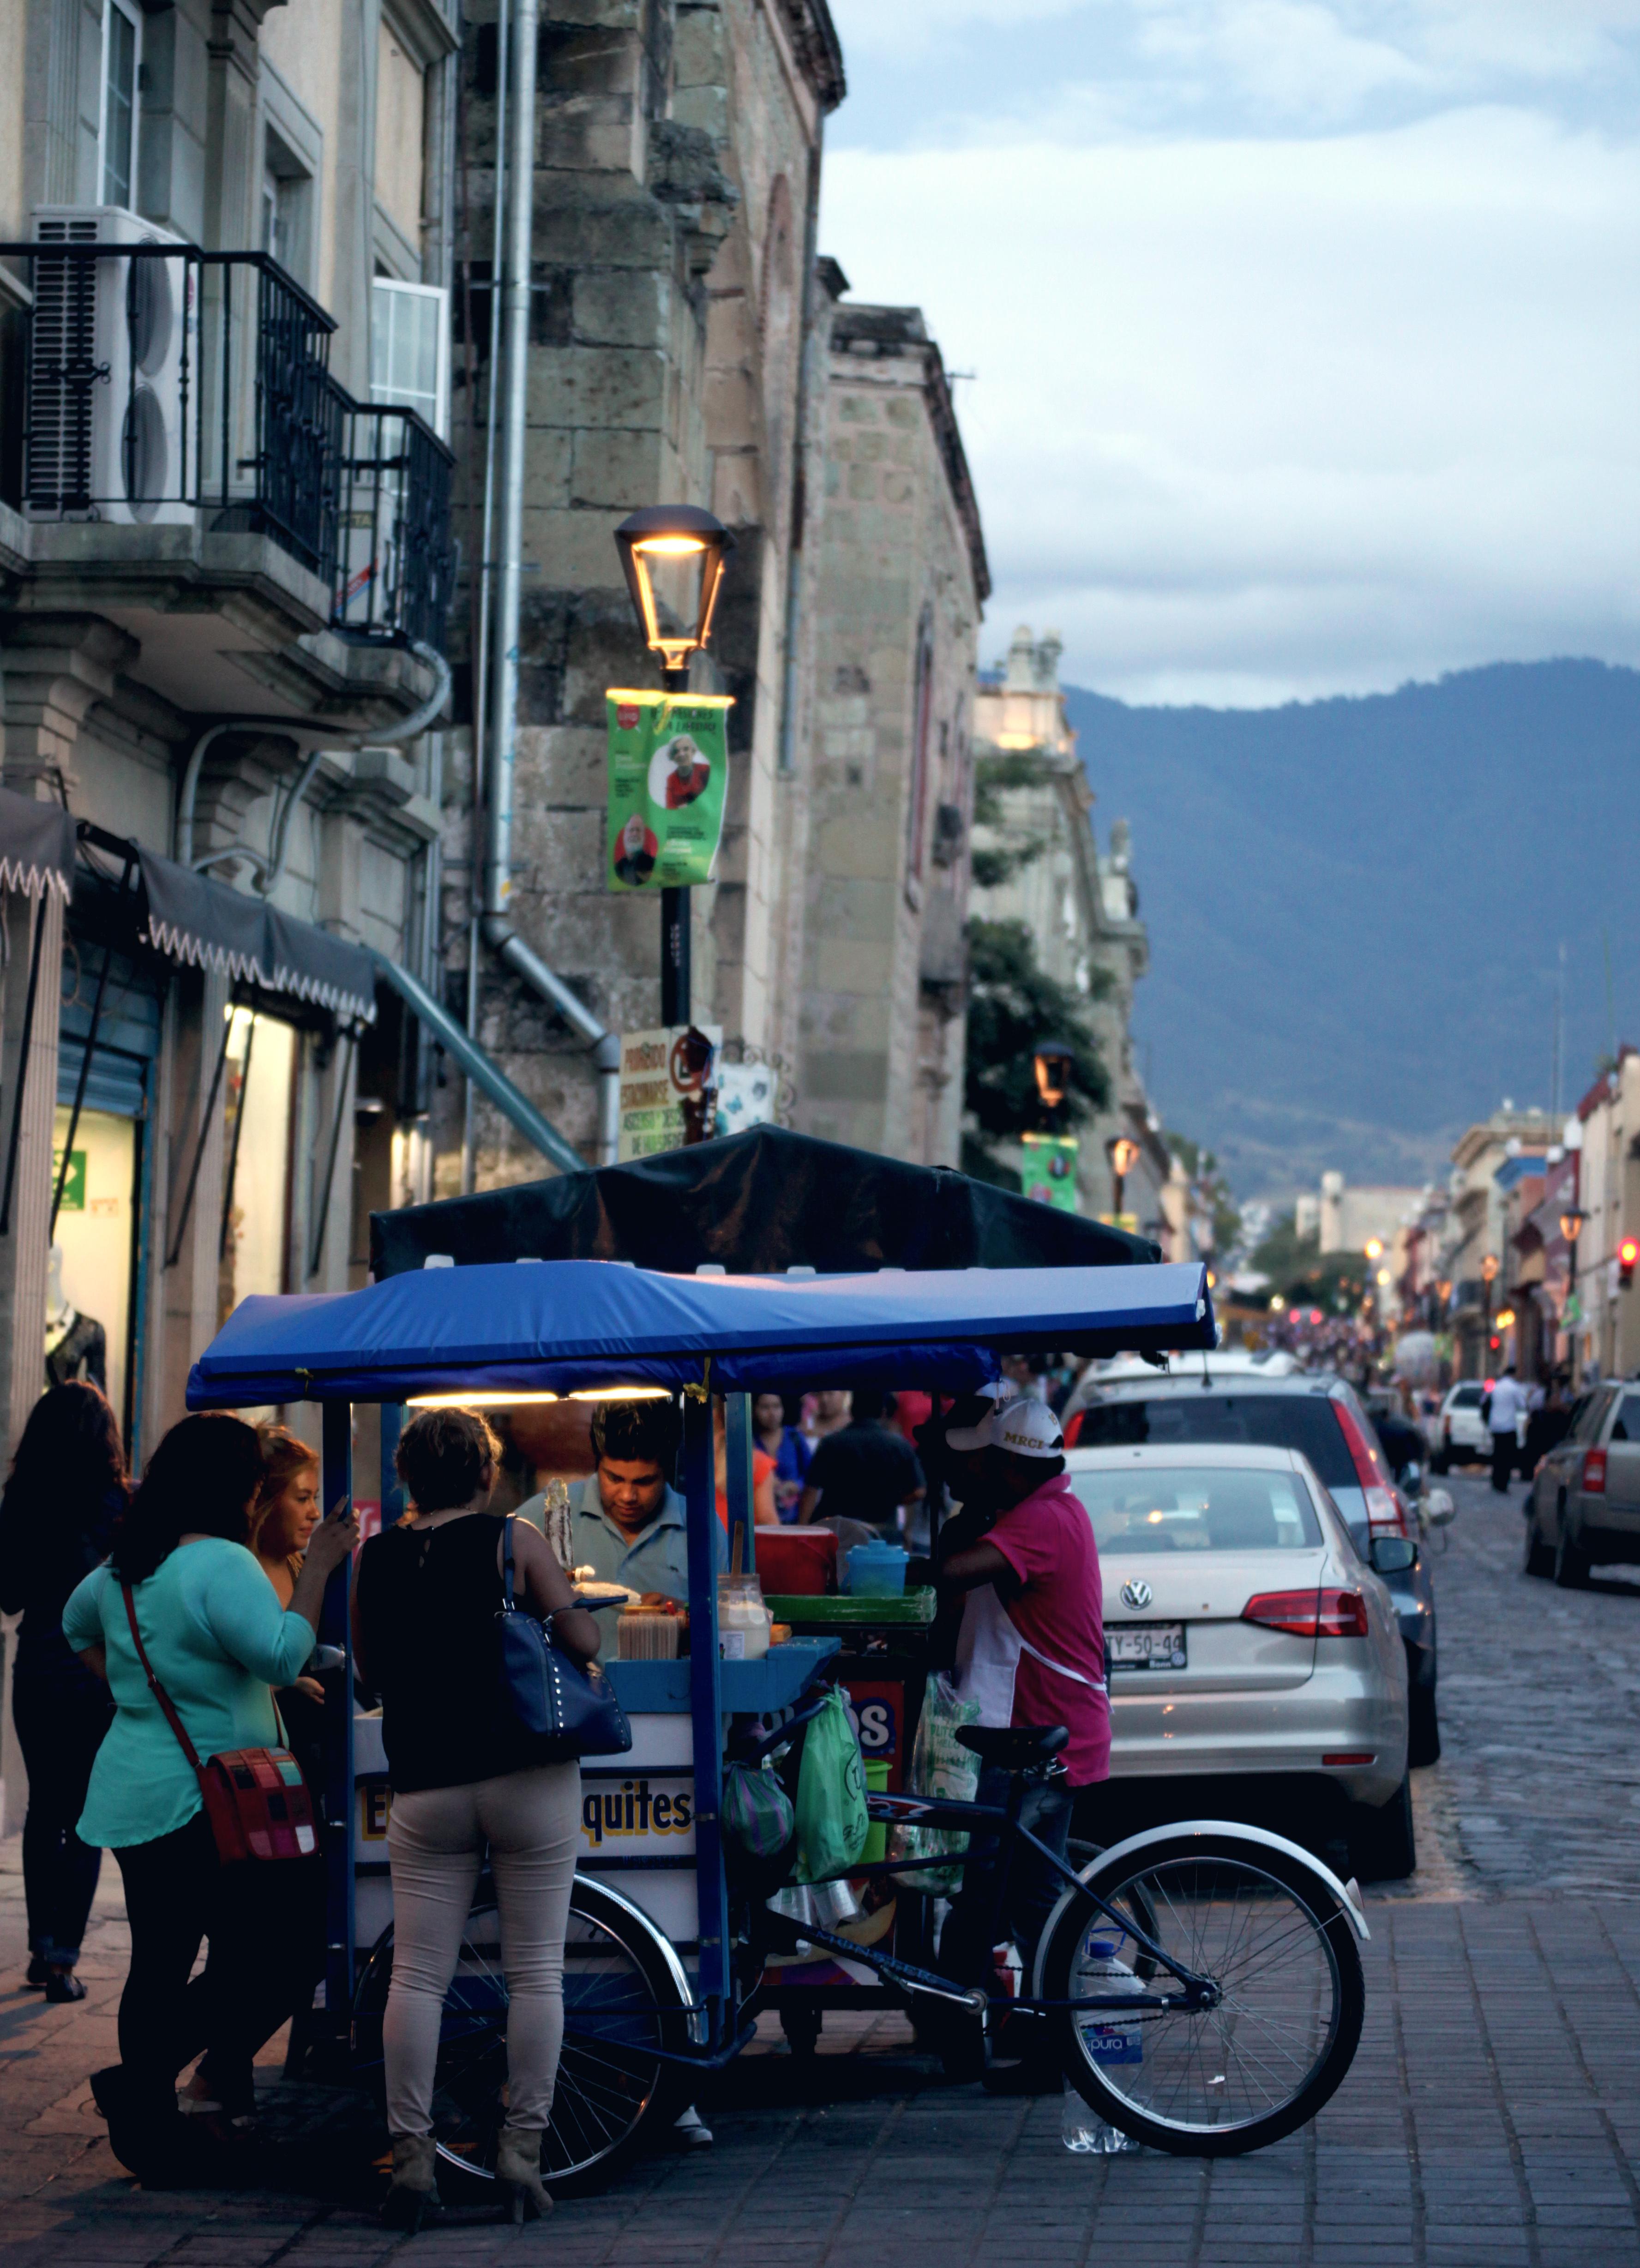 streettamalesoaxaca